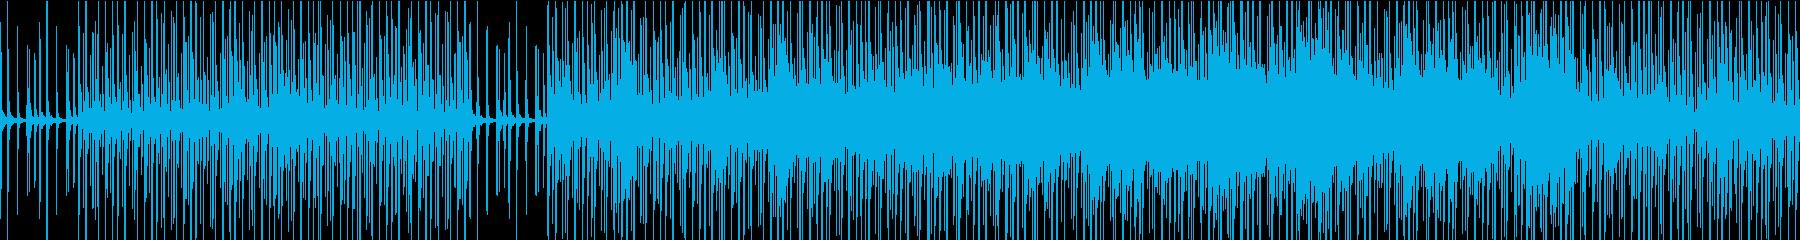 砂漠を感じさせるダンジョンBGMの再生済みの波形